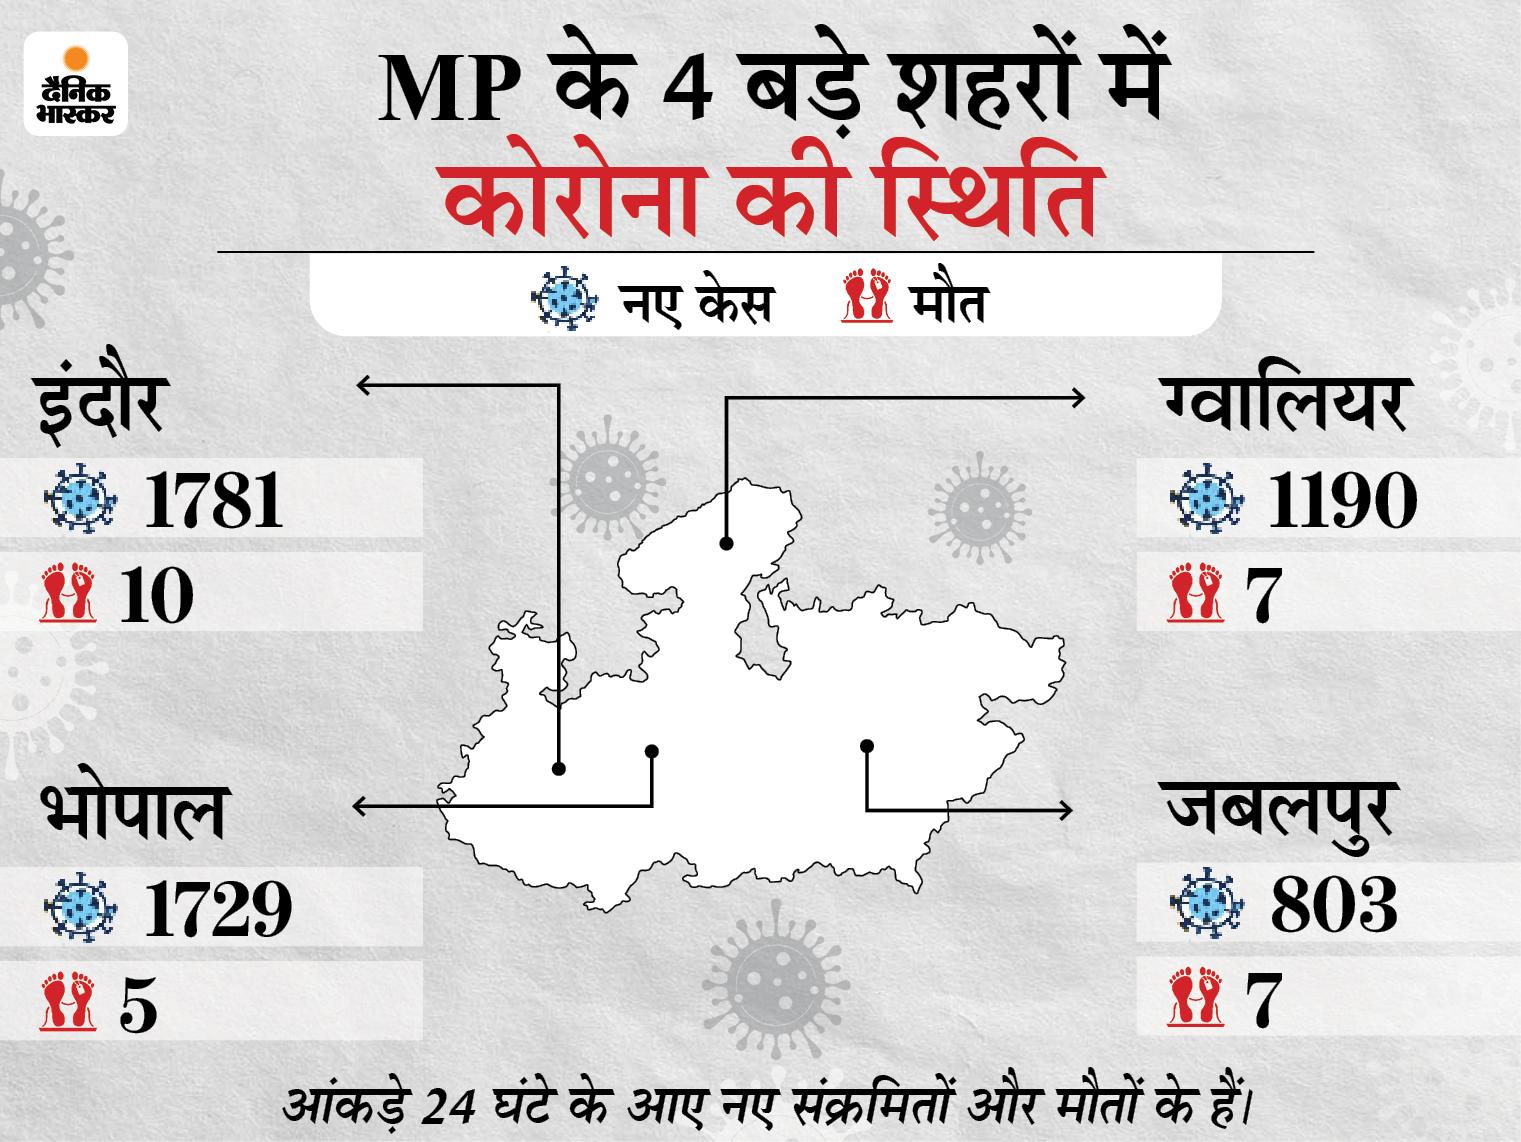 18 साल से ज्यादा ऊपर के सभी लोगों का मुफ्त टीकाकरण कराएगी राज्य सरकार, CM शिवराज ने की घोषणा मध्य प्रदेश,Madhya Pradesh - Dainik Bhaskar